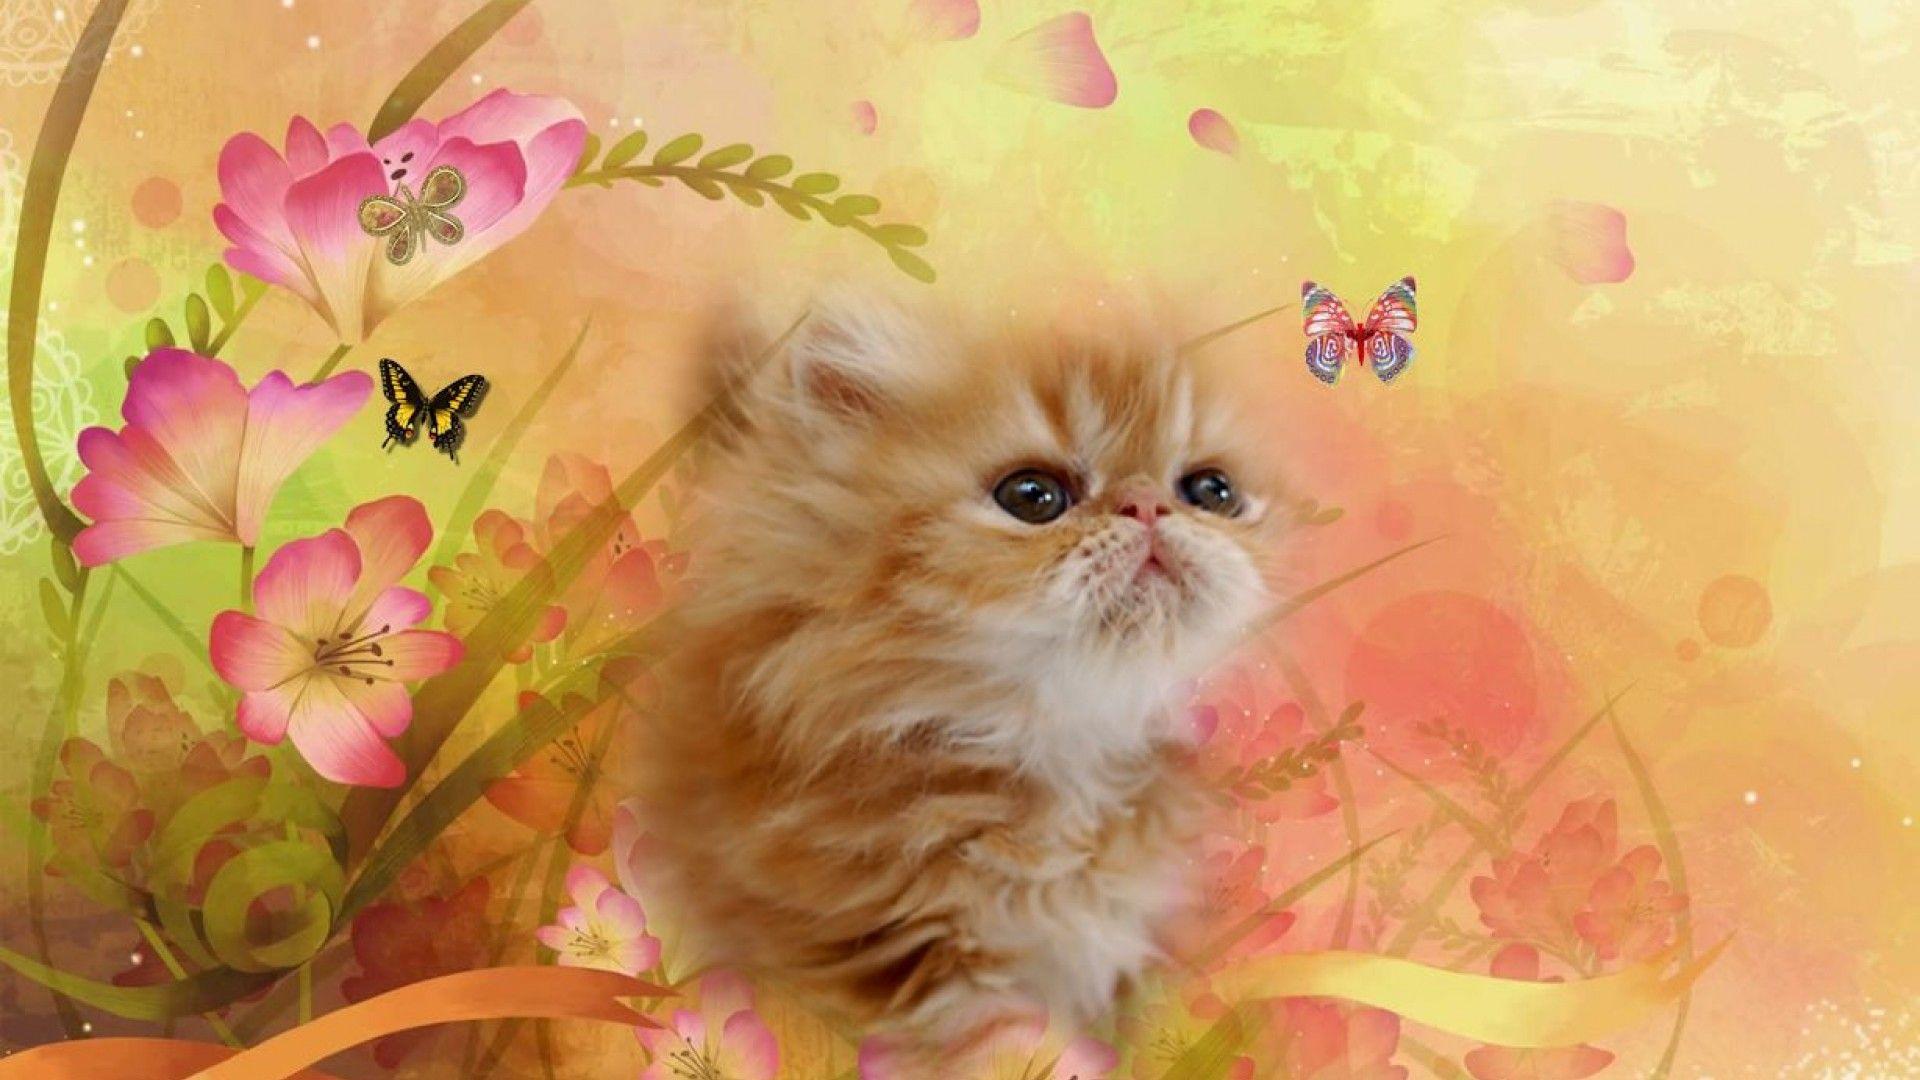 Best Wallpaper Cat Butterfly - abce8cddee92928968f28e7e5d460838  2018_194758 .jpg